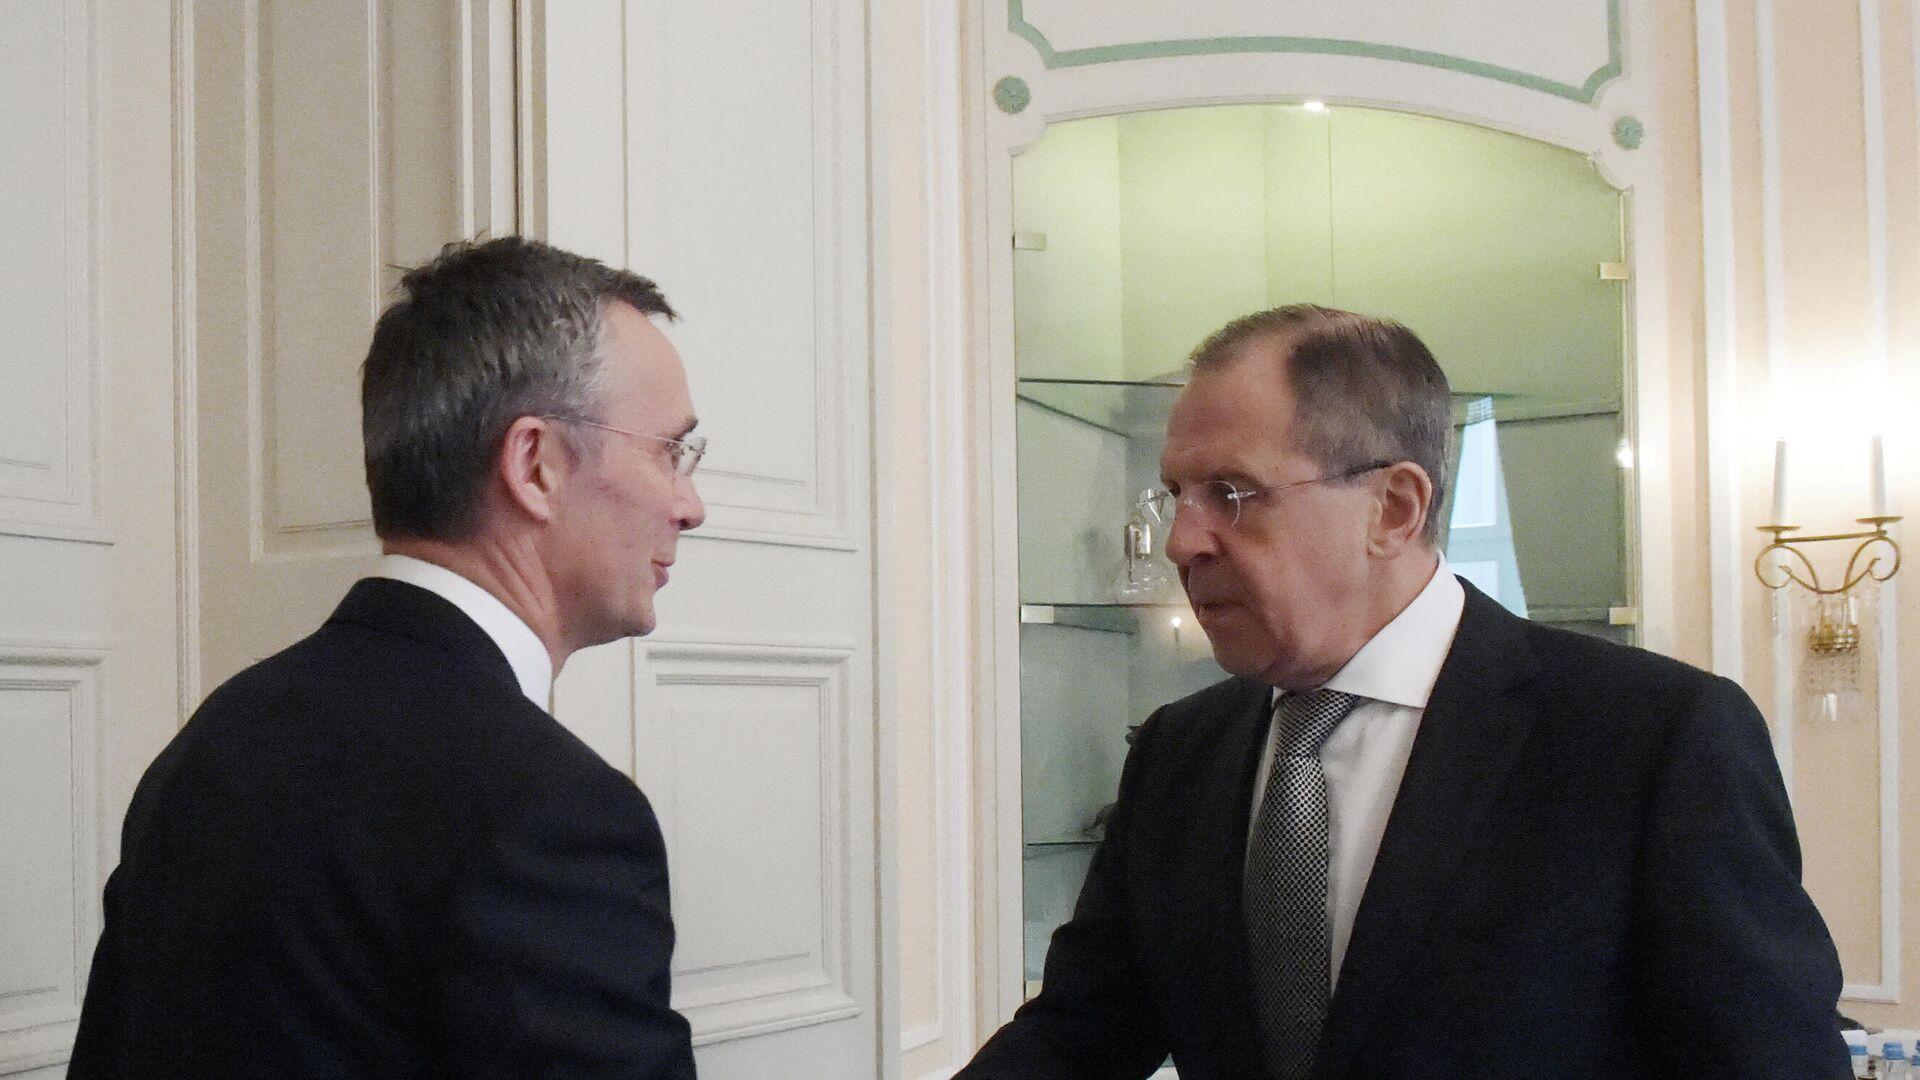 Министар спољних послова Русије Сергеј Лавров са генералним секретаром НАТО-а Јенсом Столтенбергом - Sputnik Србија, 1920, 23.09.2021